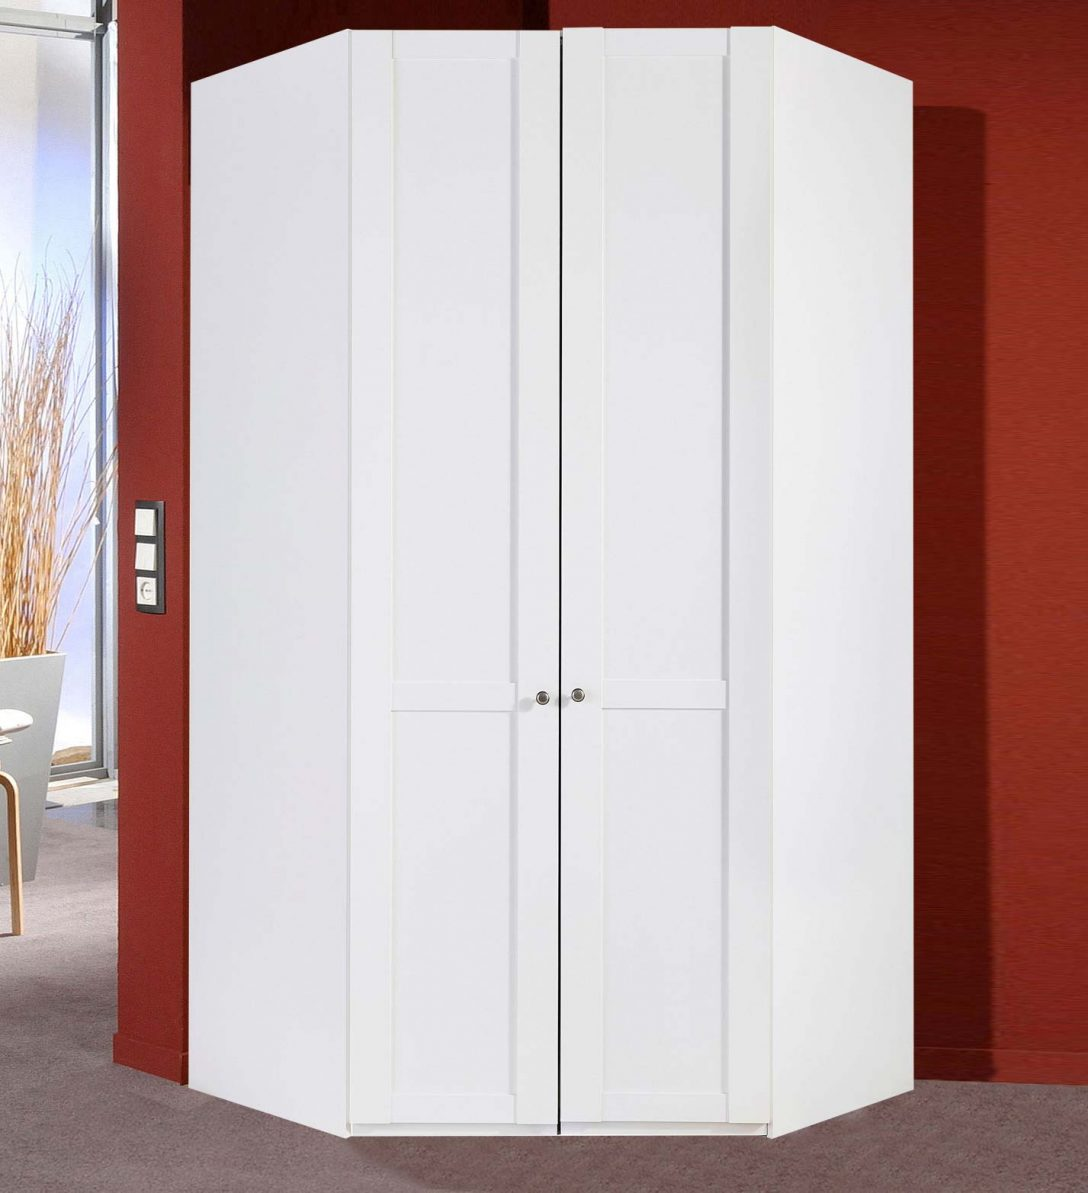 Large Size of Eckschrank Schlafzimmer Kleiderschrank Newport 120x120cm Wei Mit Beleuchtung Set Weiß Komplette Kronleuchter Deckenleuchte Deckenlampe Komplett Massivholz Schlafzimmer Eckschrank Schlafzimmer